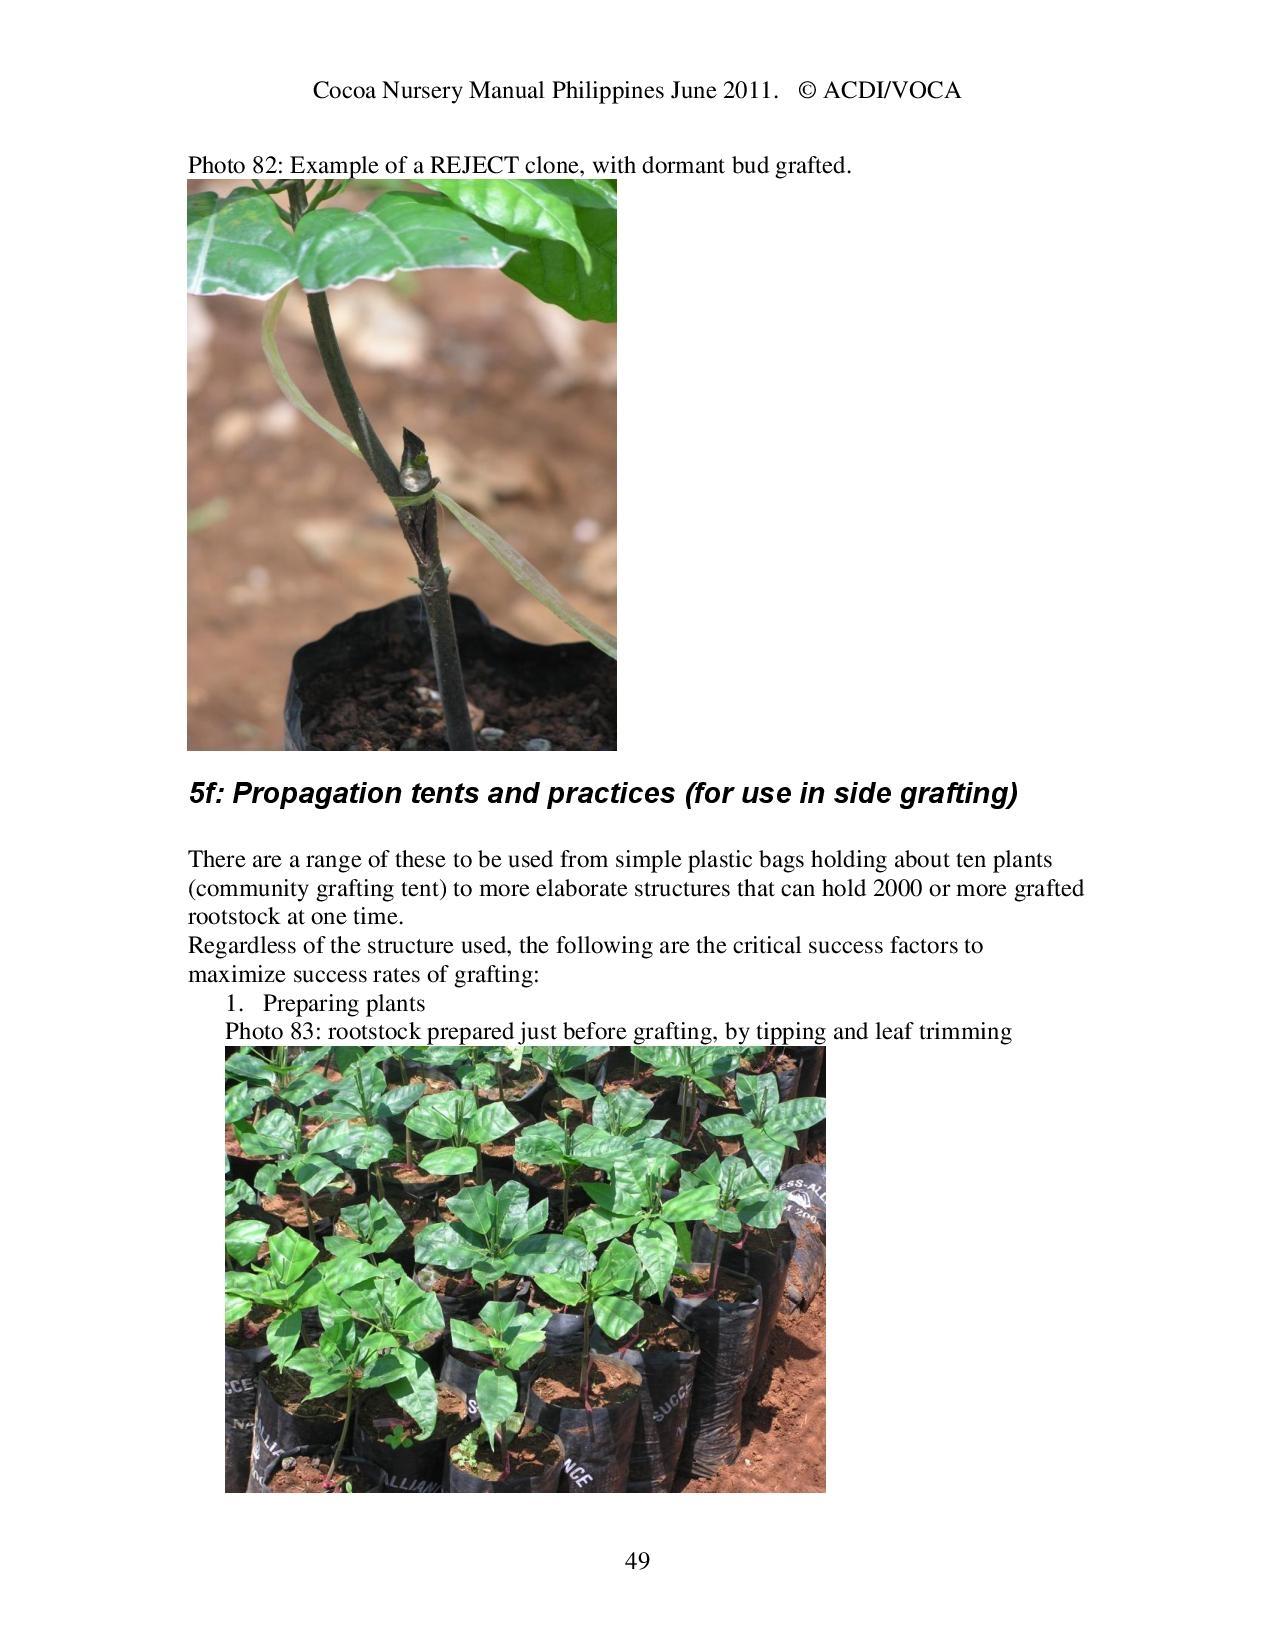 Cocoa-Nursery-Manual-2011_acdi-voca-page-049